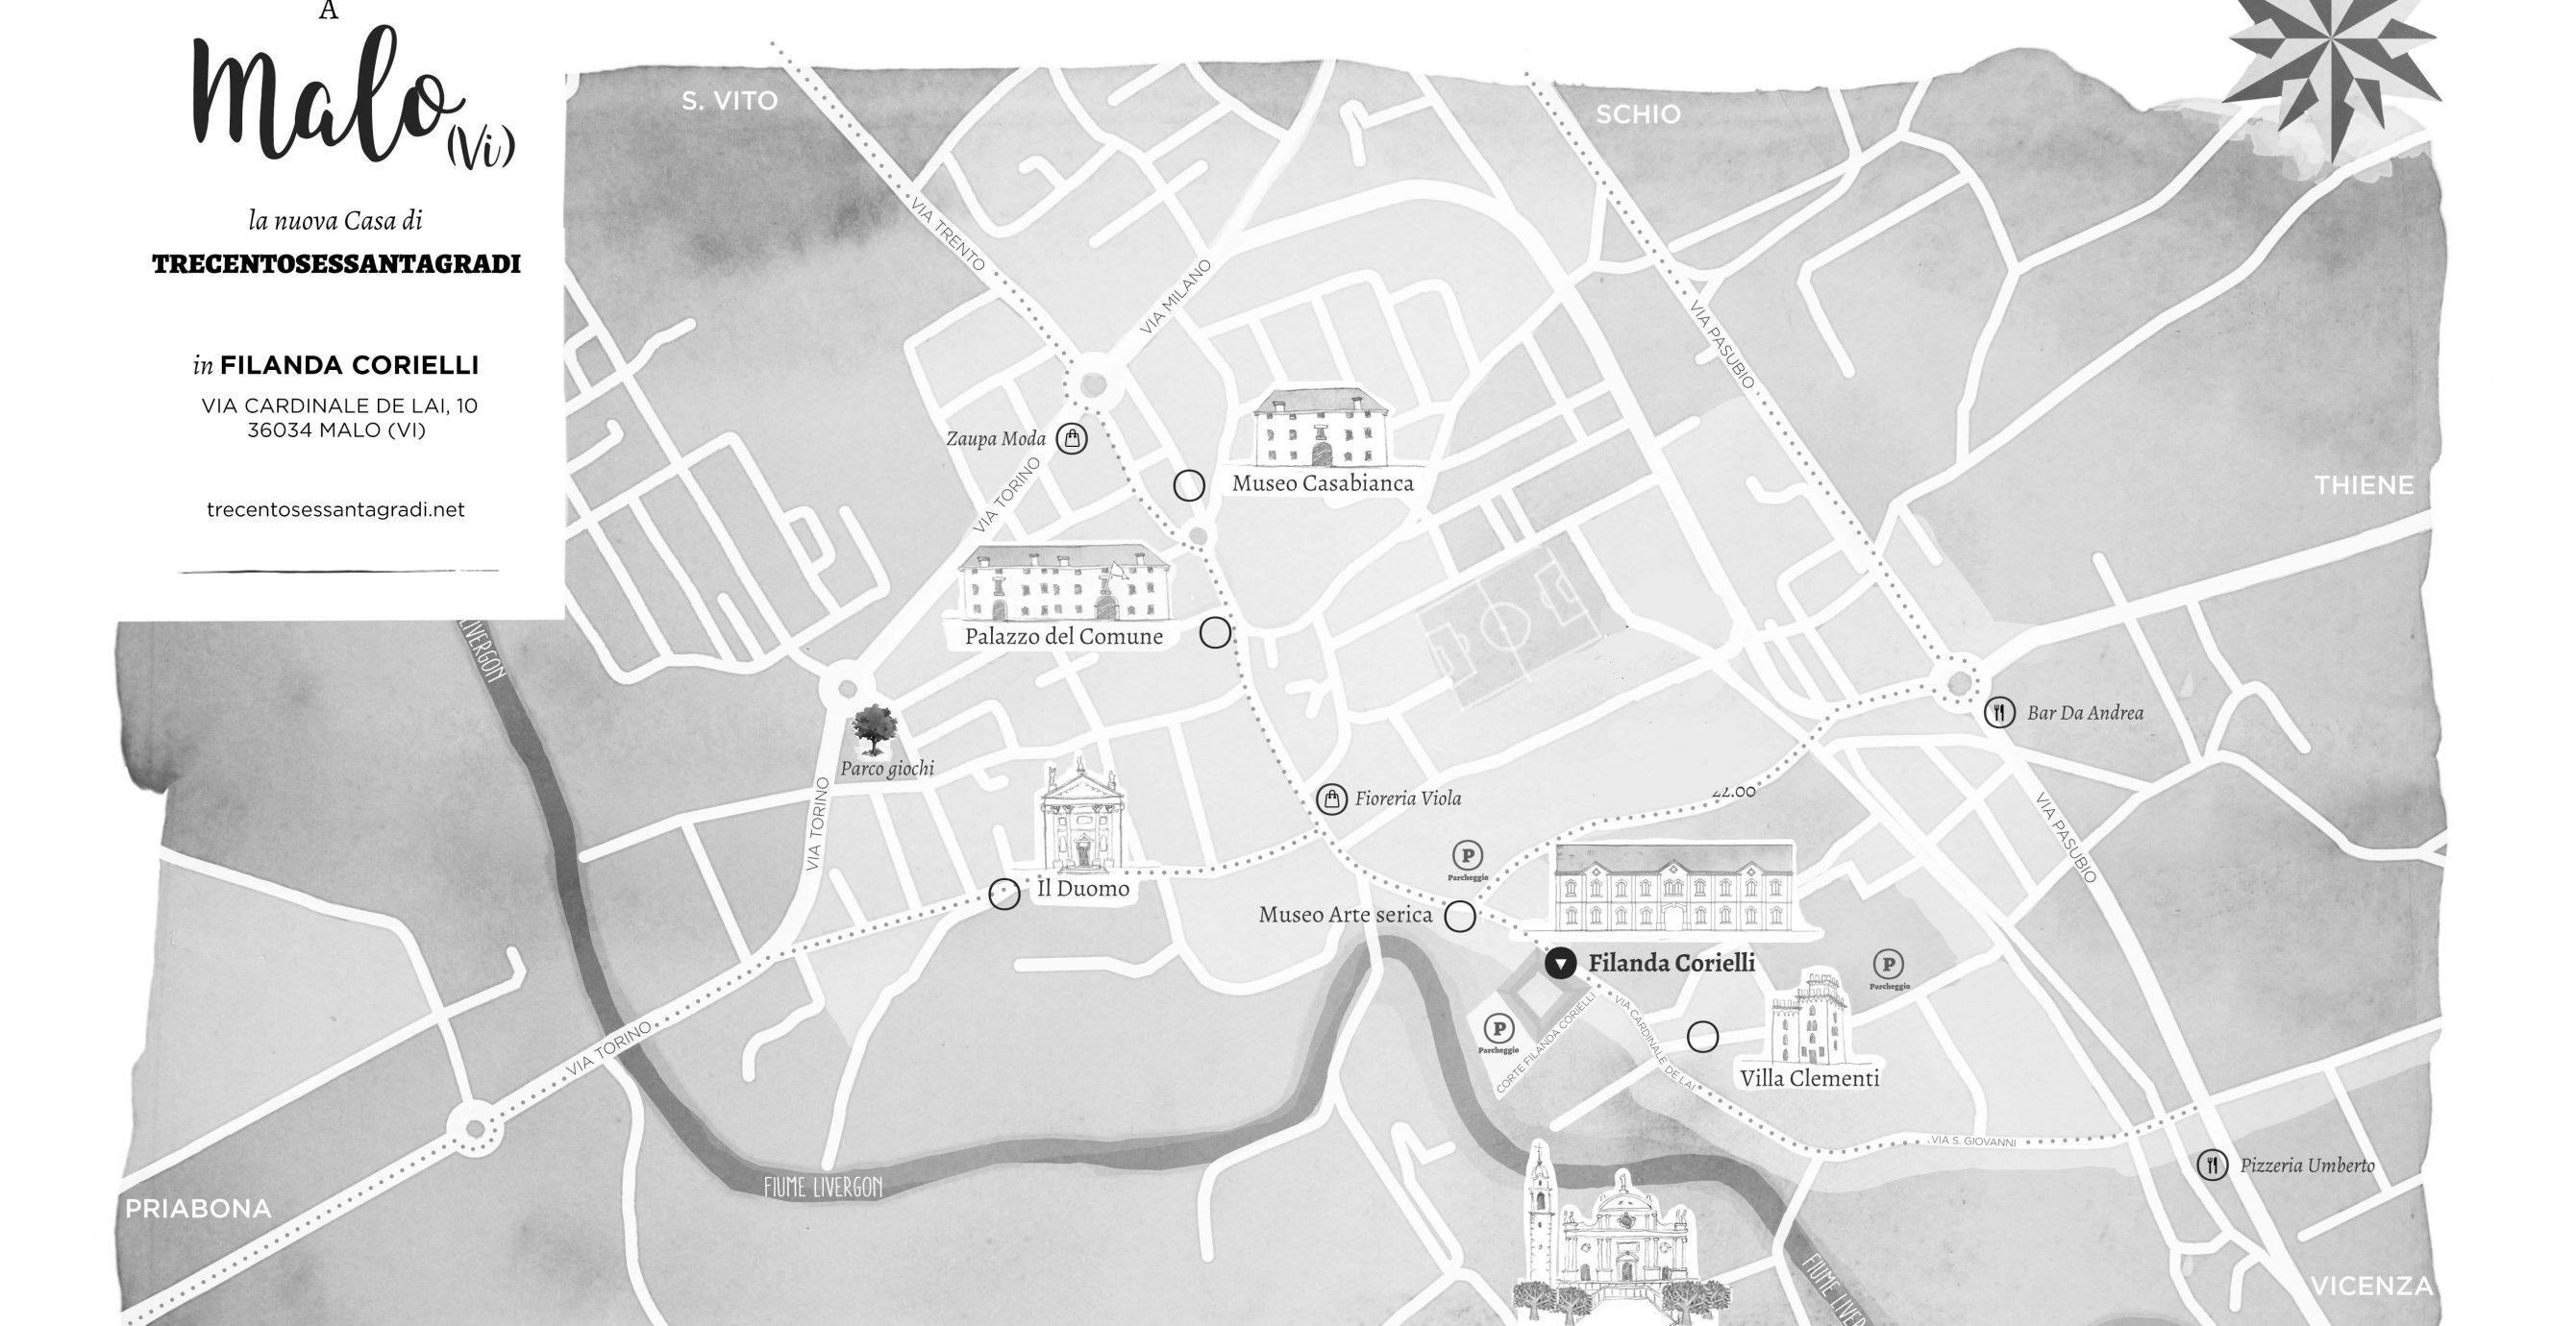 Waco Map 2